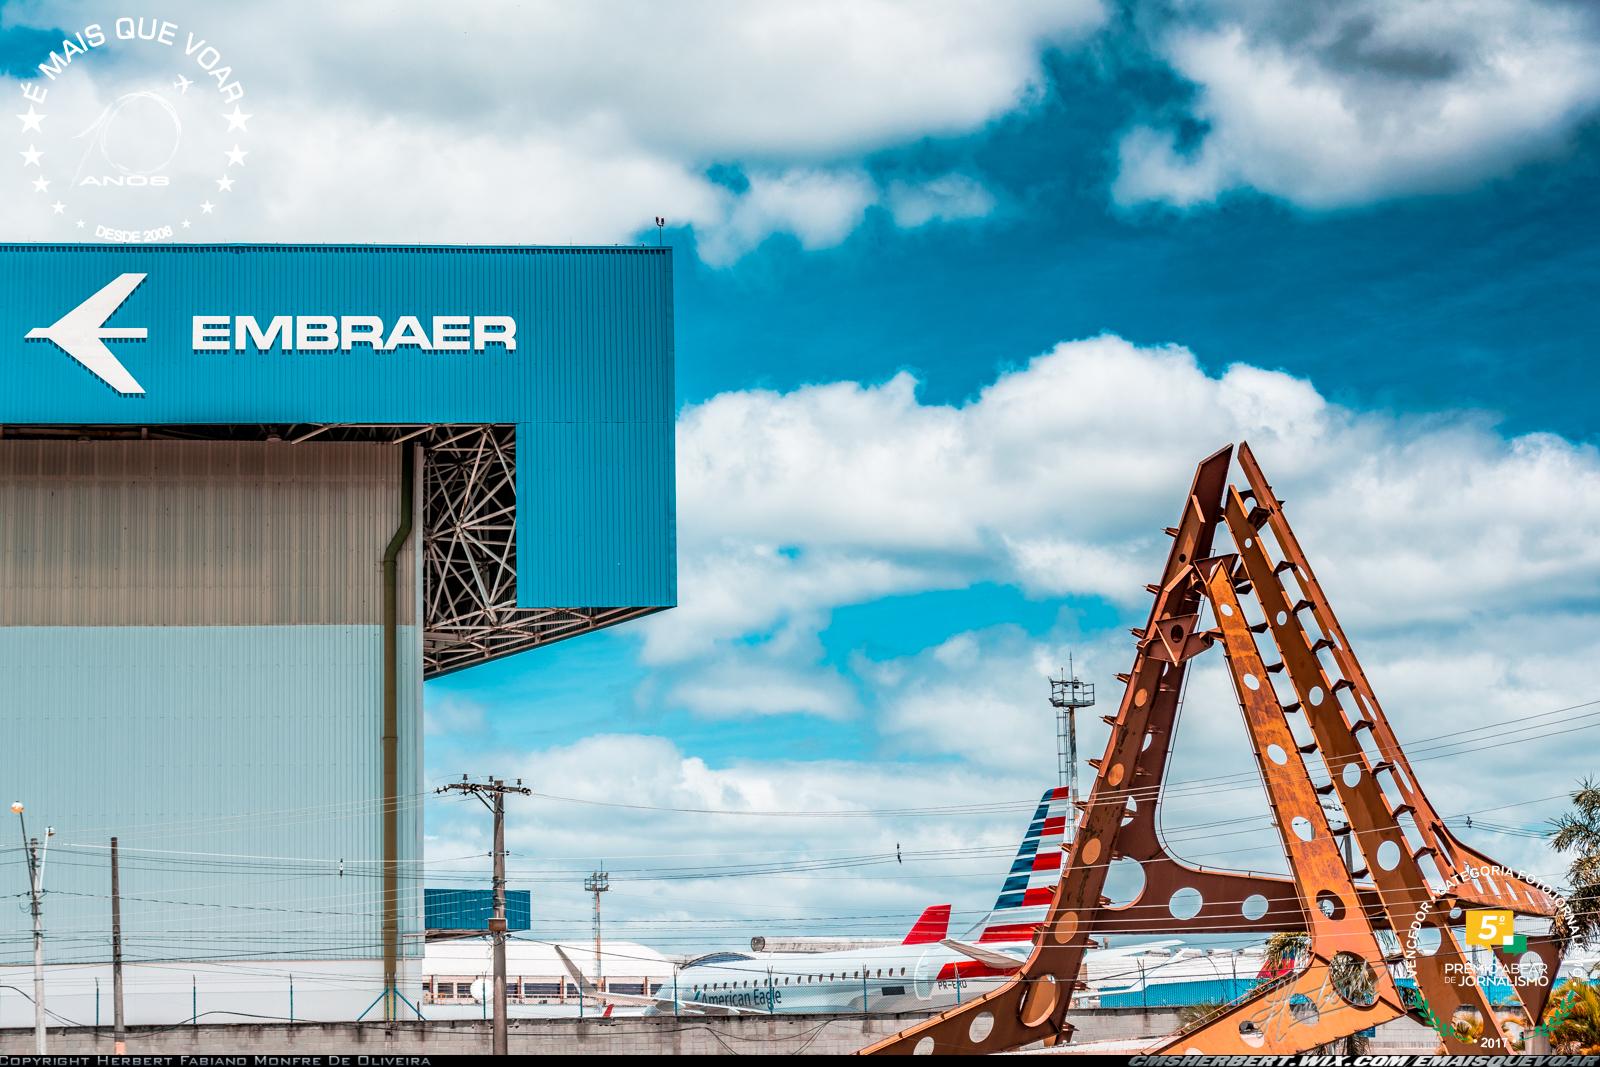 Embraer entrega 17 jatos comerciais e 27 executivos no terceiro trimestre de 2019 | Foto © Herbert Monfre | É MAIS QUE VOAR